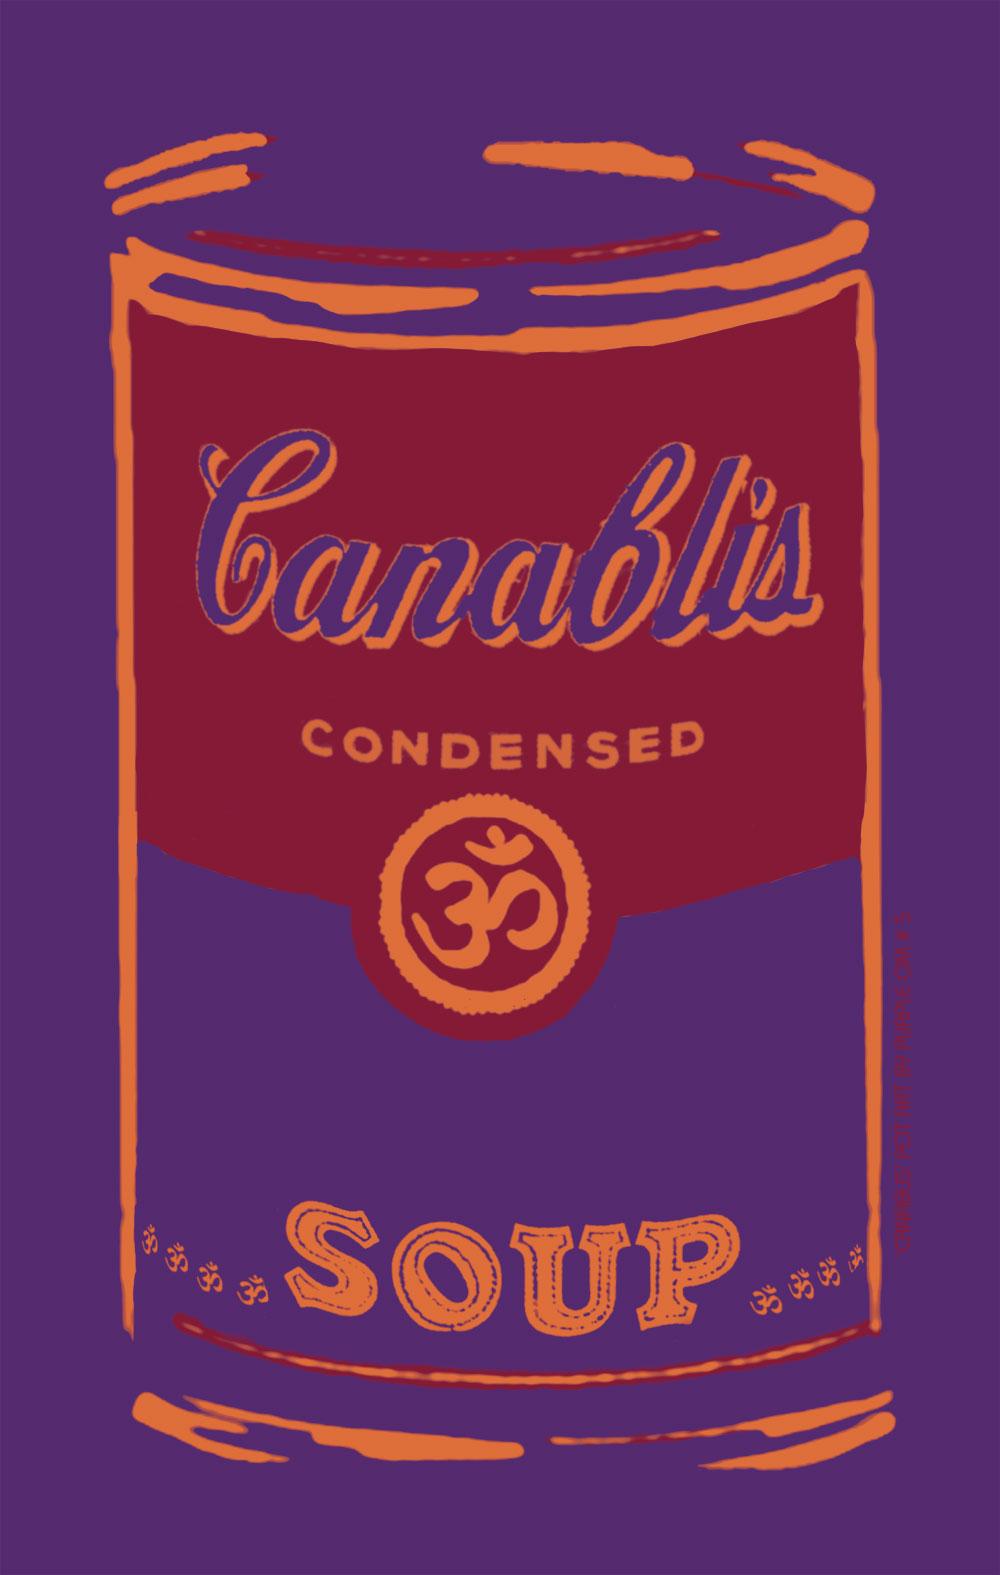 canabliss-4-split.jpg